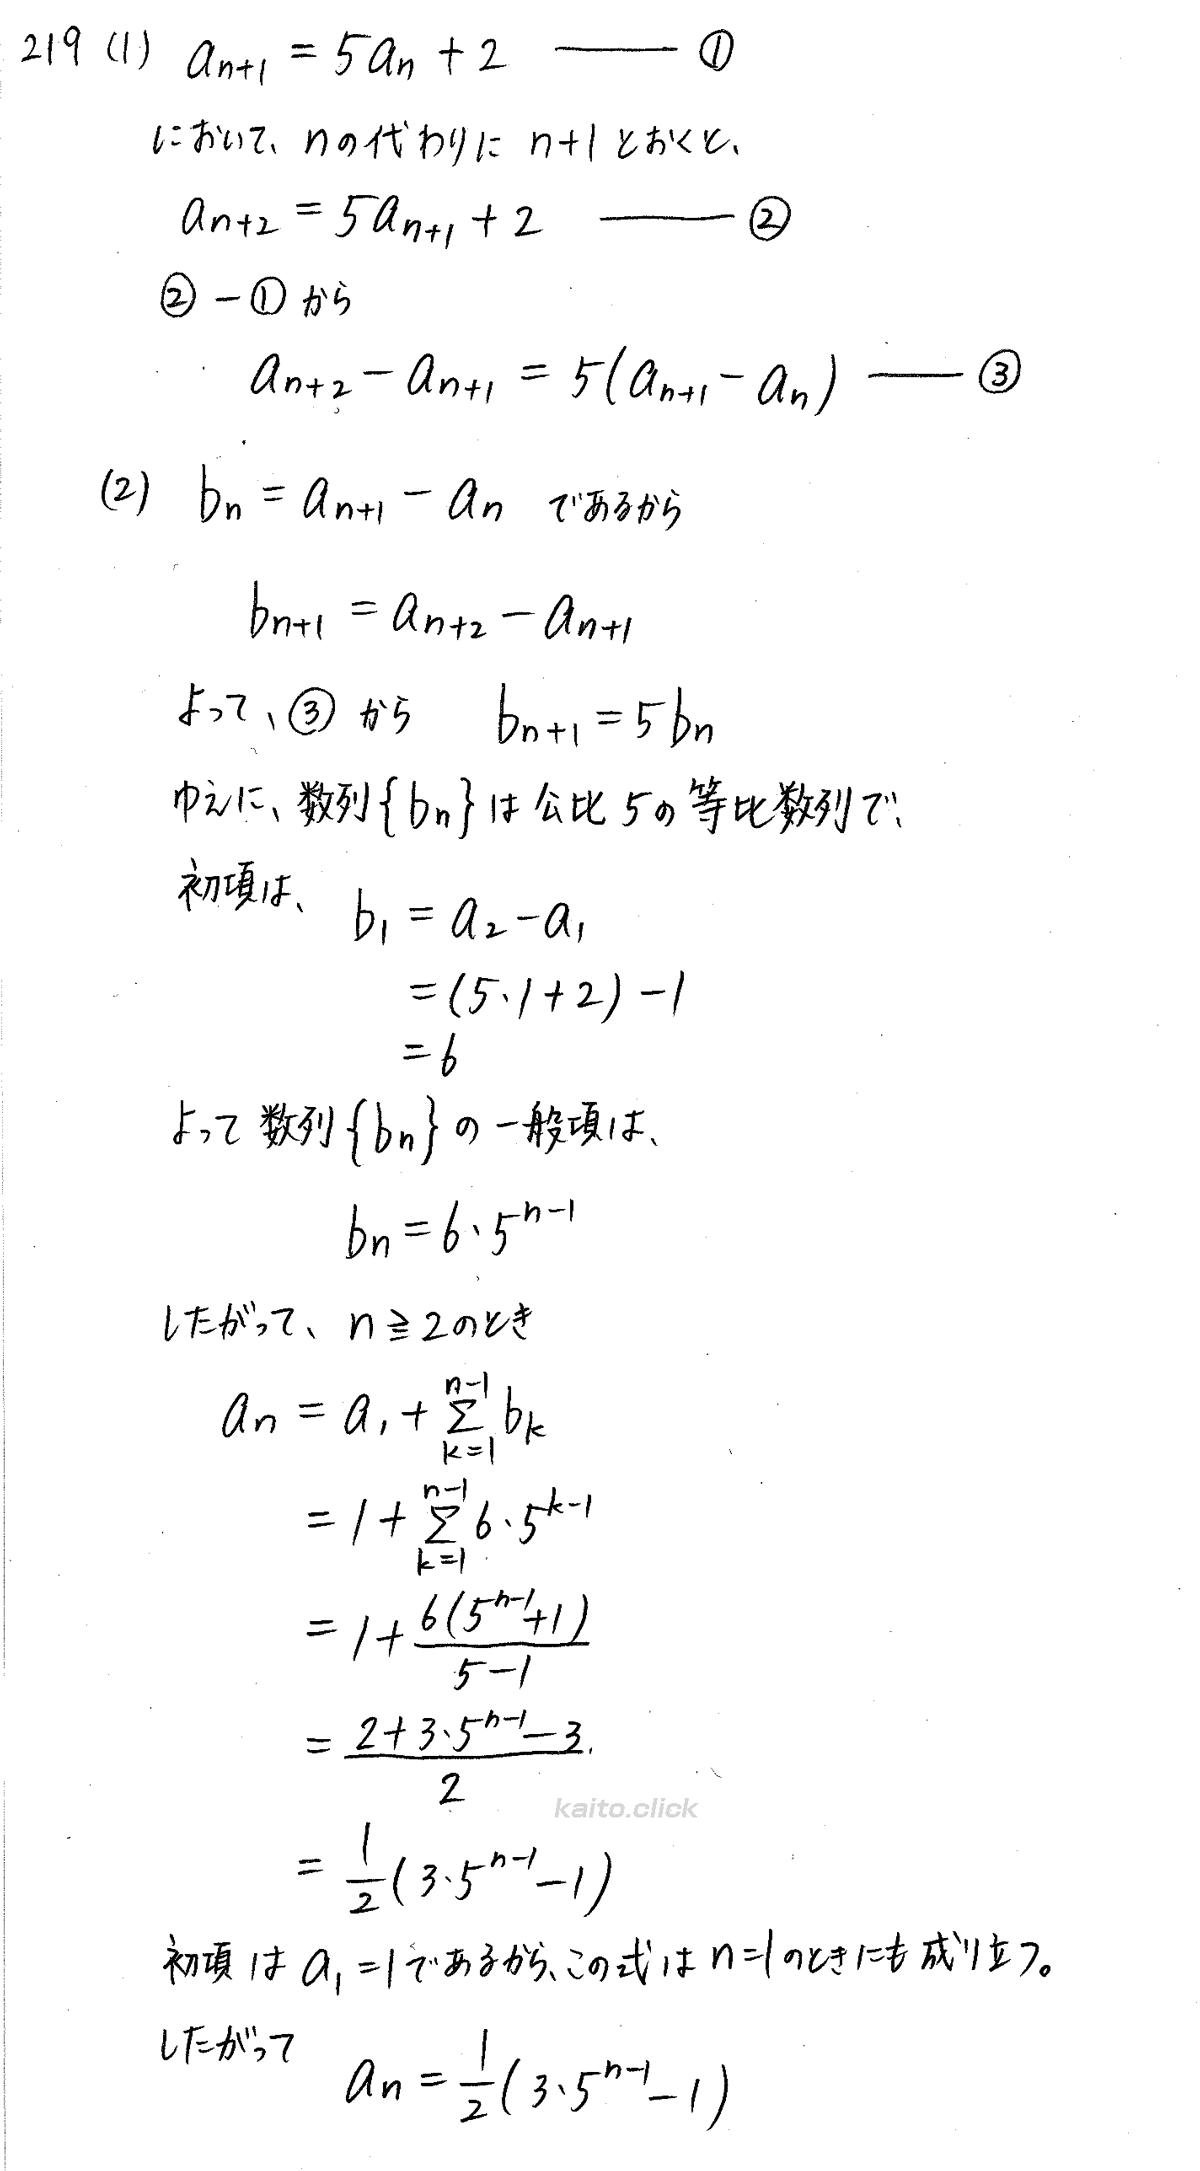 クリアー数学B-219解答